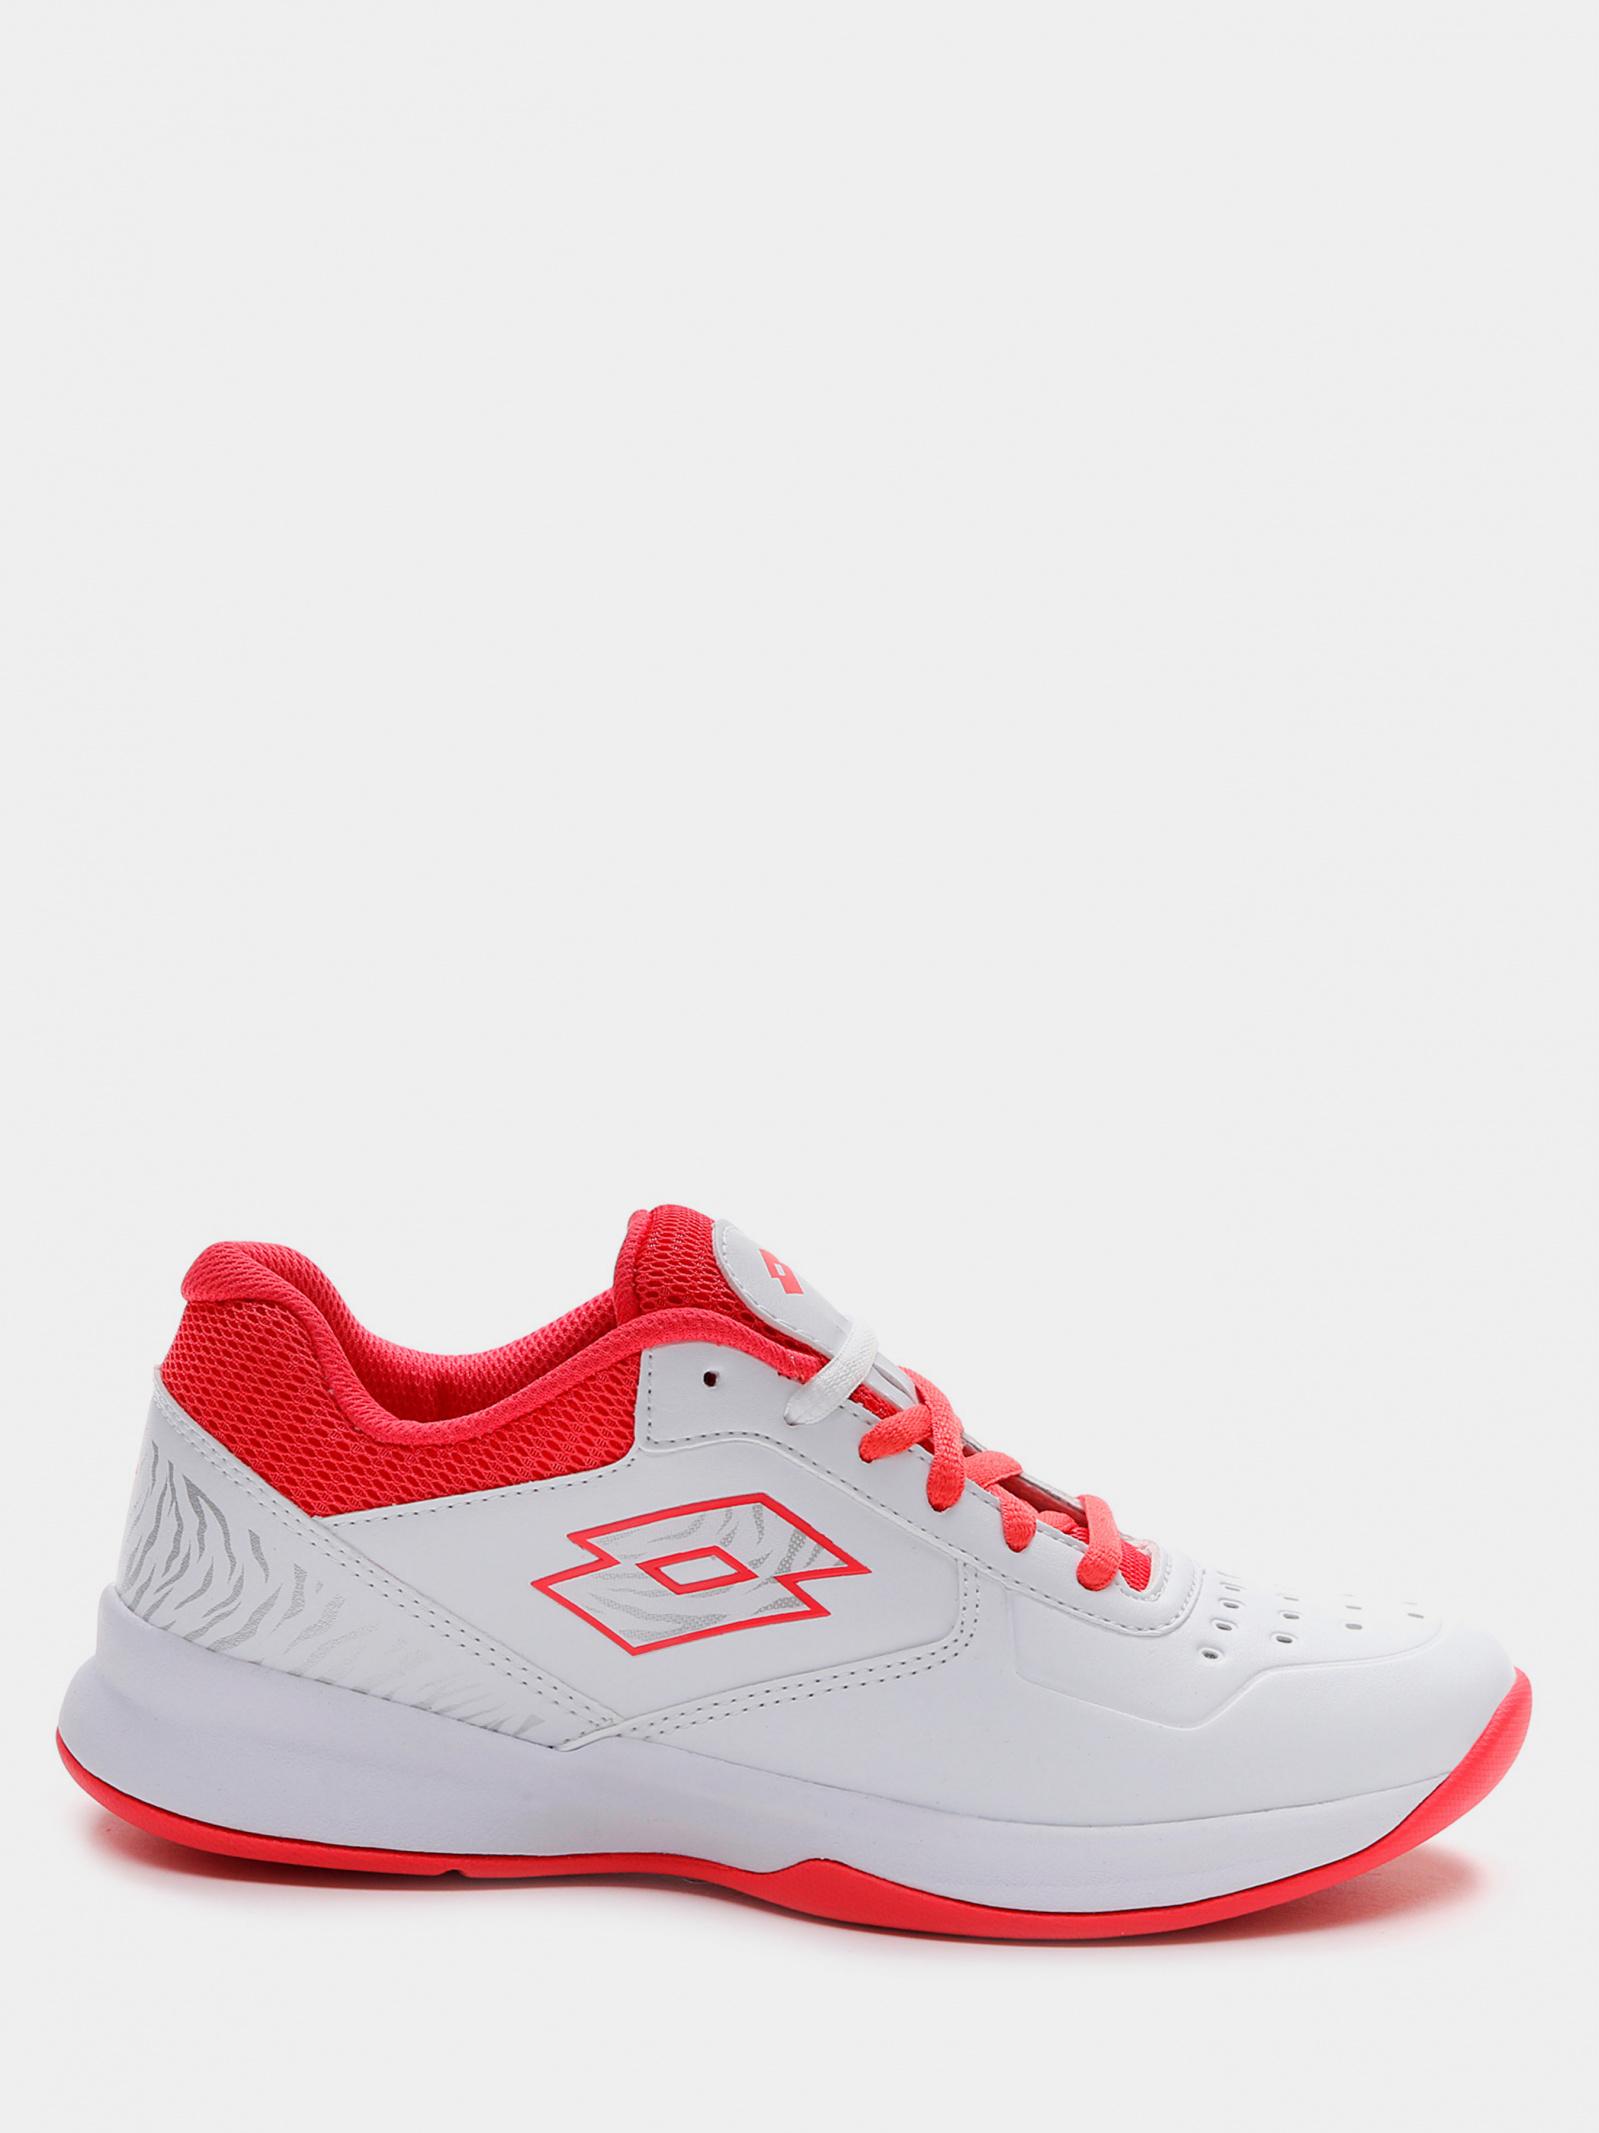 Кросівки тенісні  для жінок SPACE 600 II ALR W 213637_5Y3 продаж, 2017